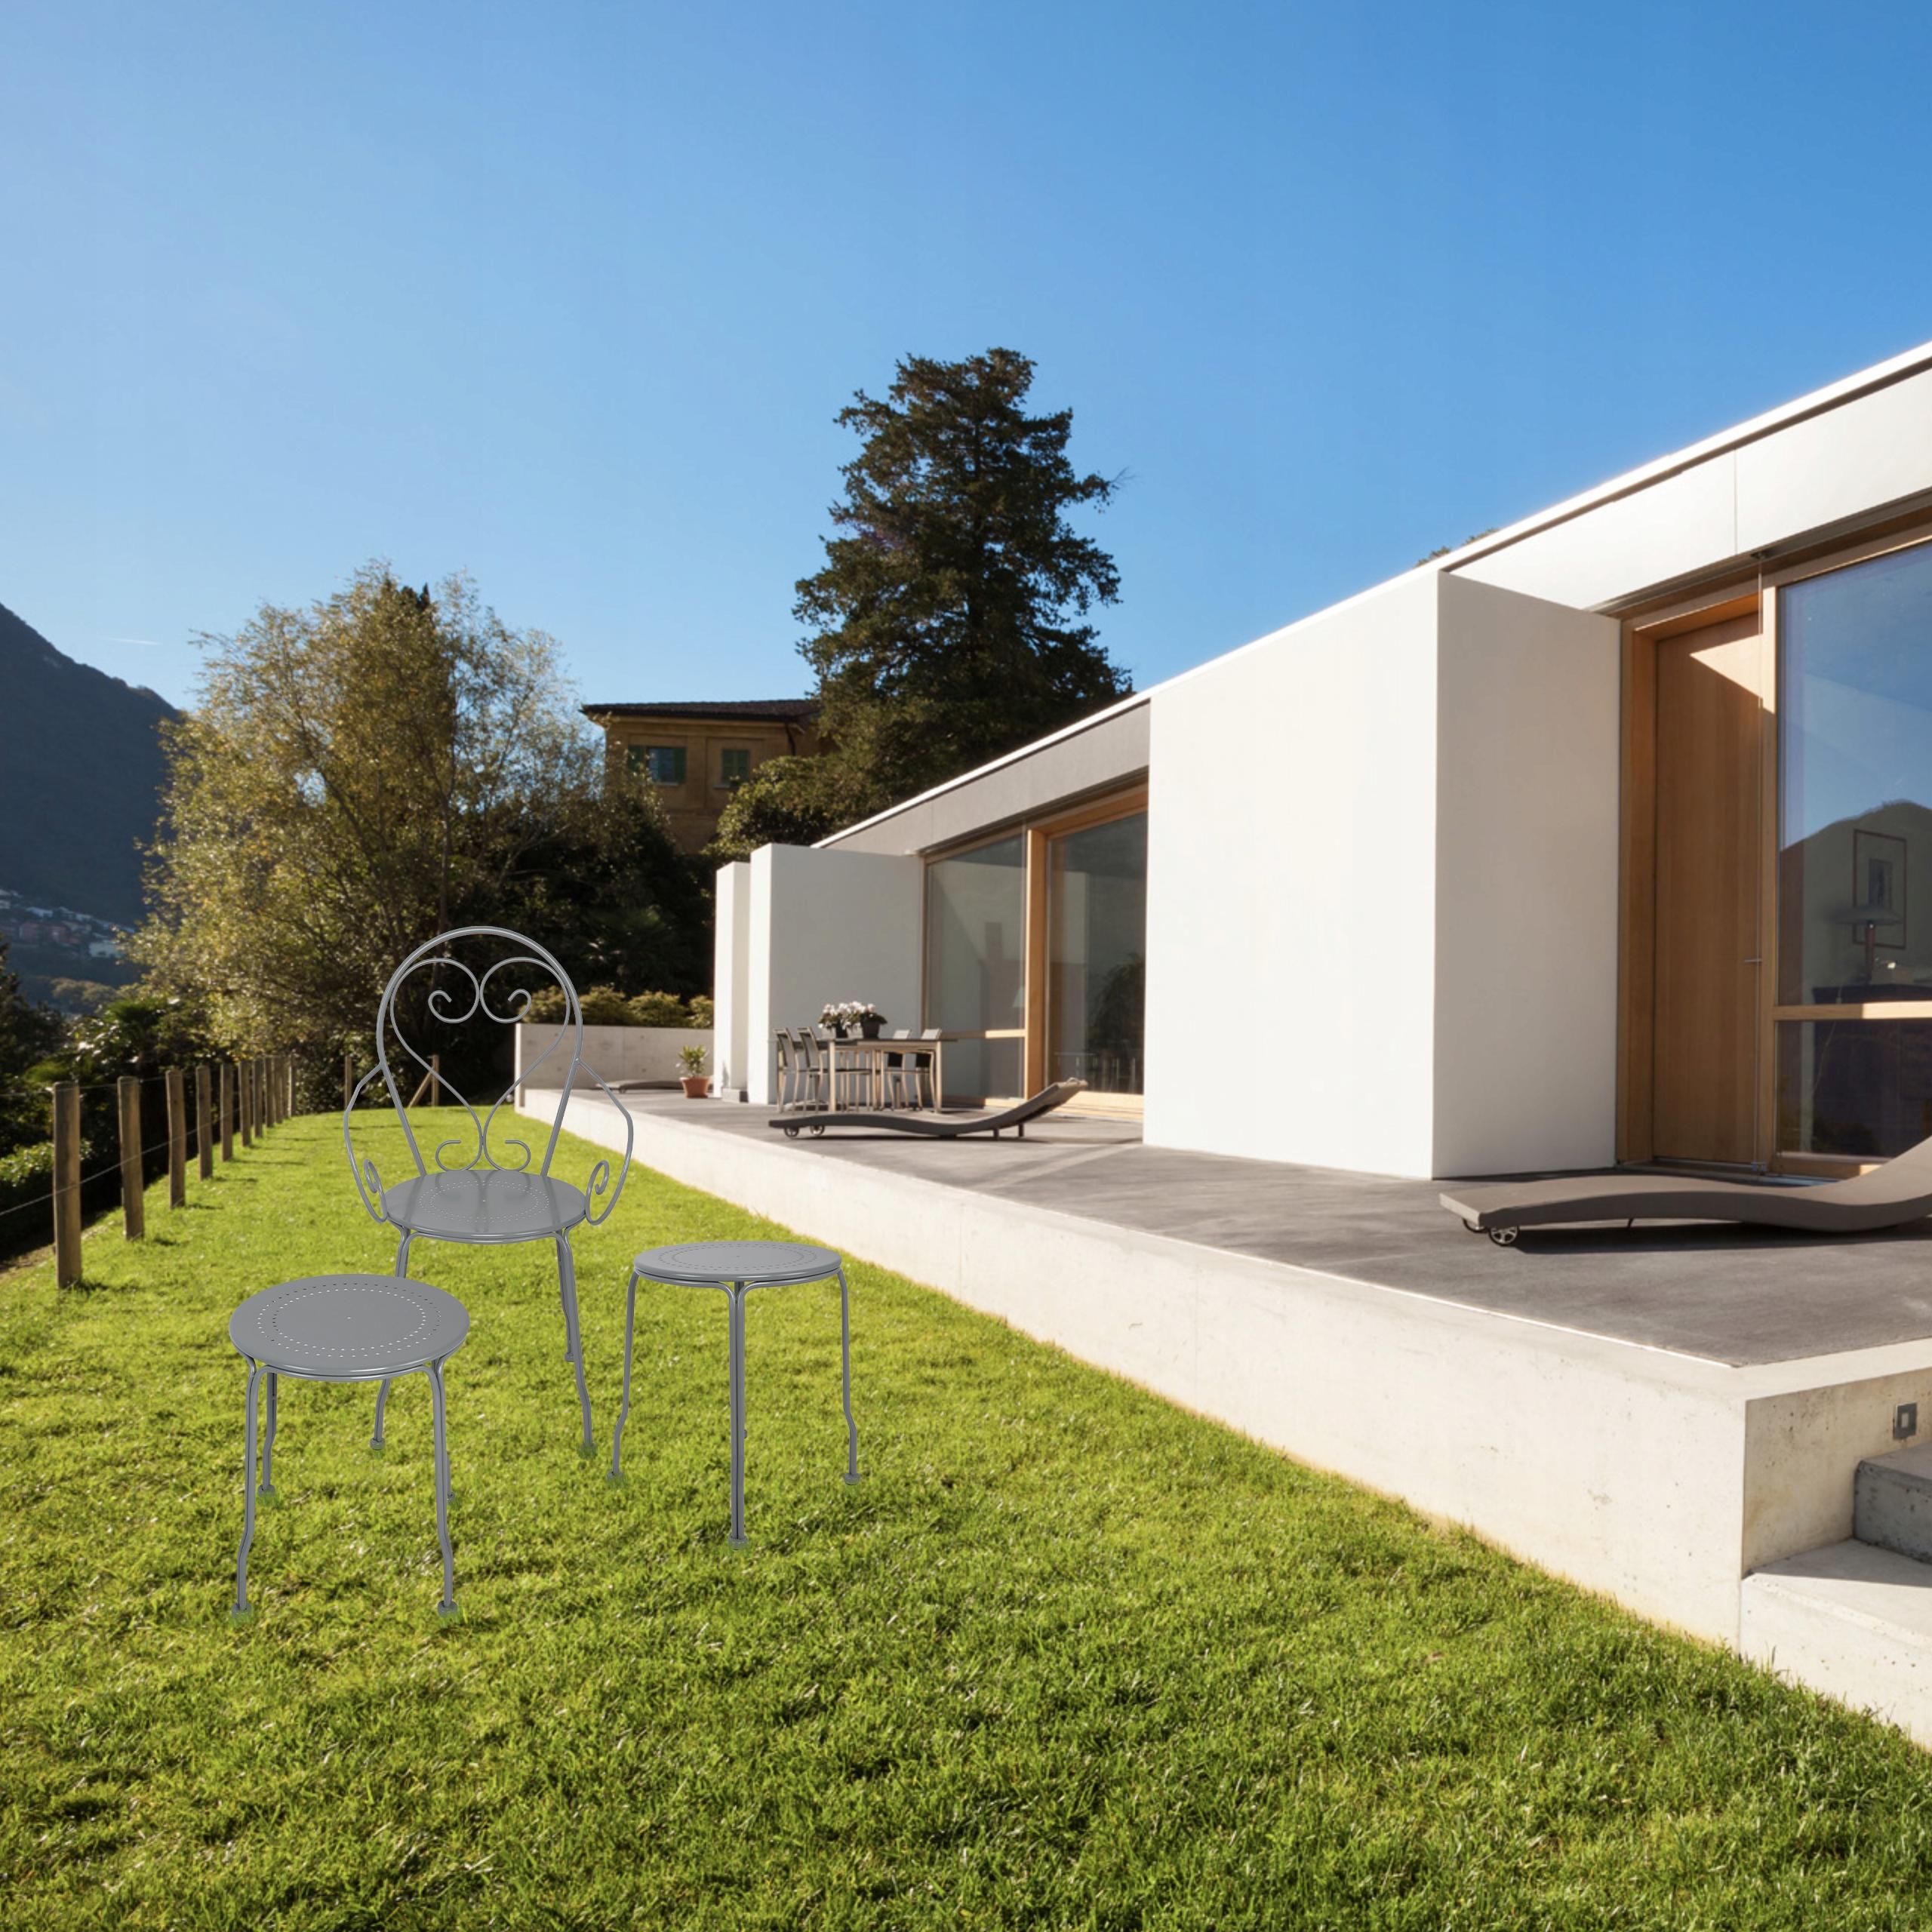 Sada kovového záhradného nábytku PATIO balkónová terasa Kód produktu H095702B